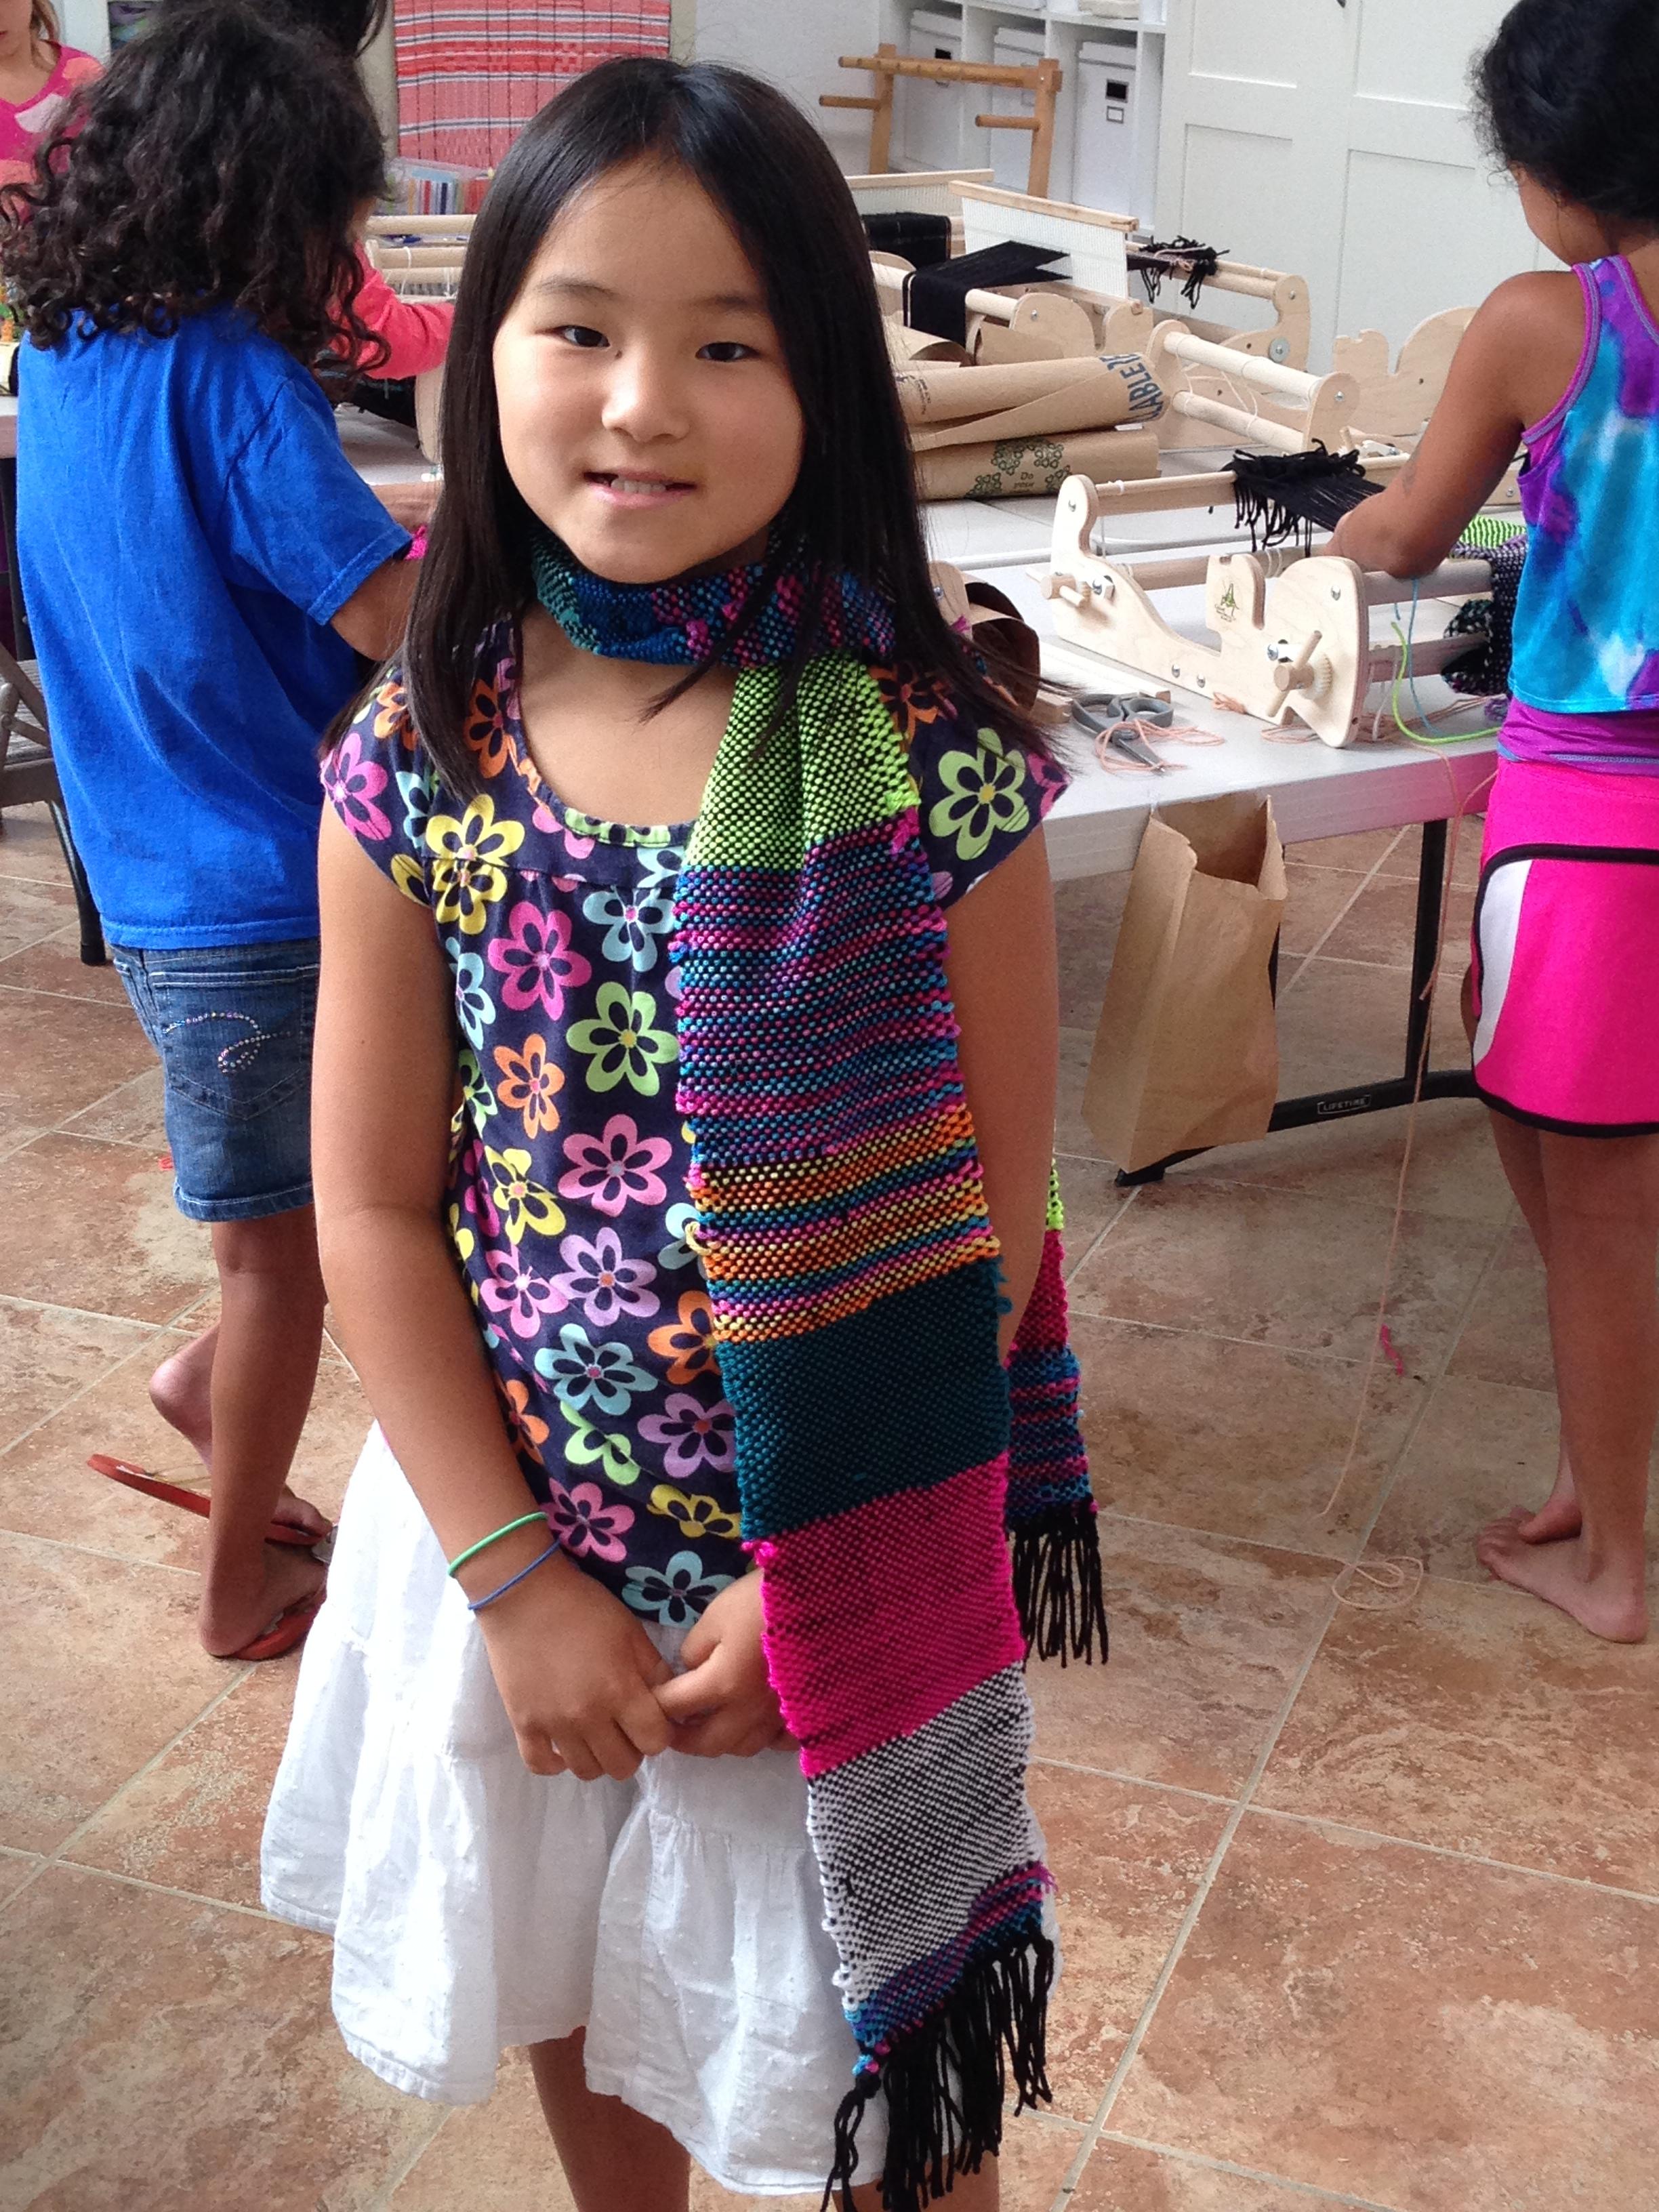 4th grader scarf.